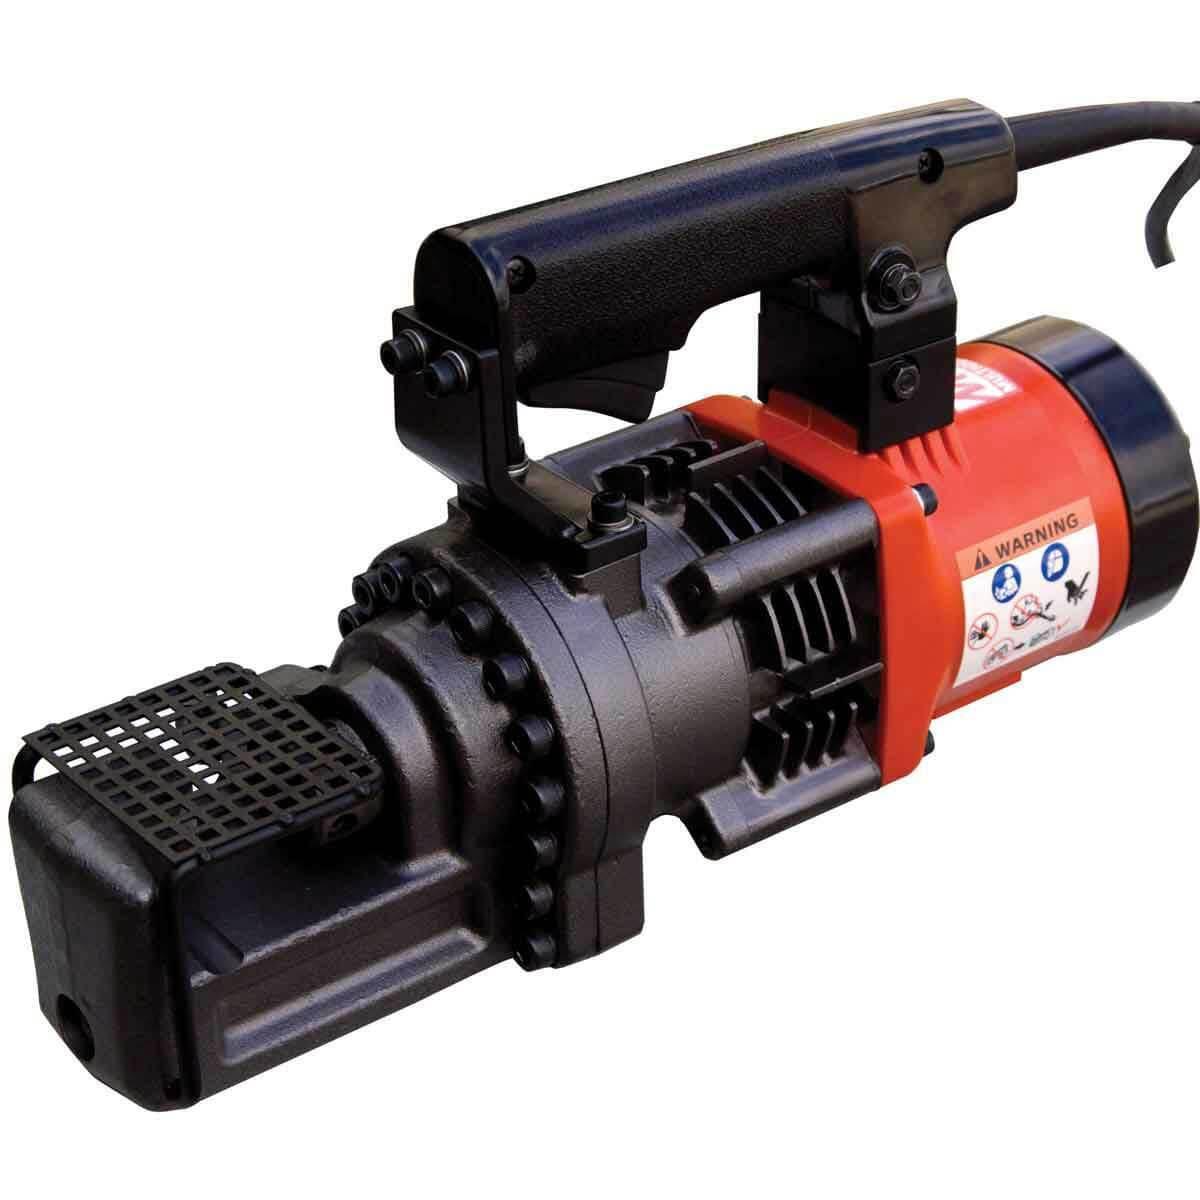 3/4 inch Rebar Cutter HBC19B